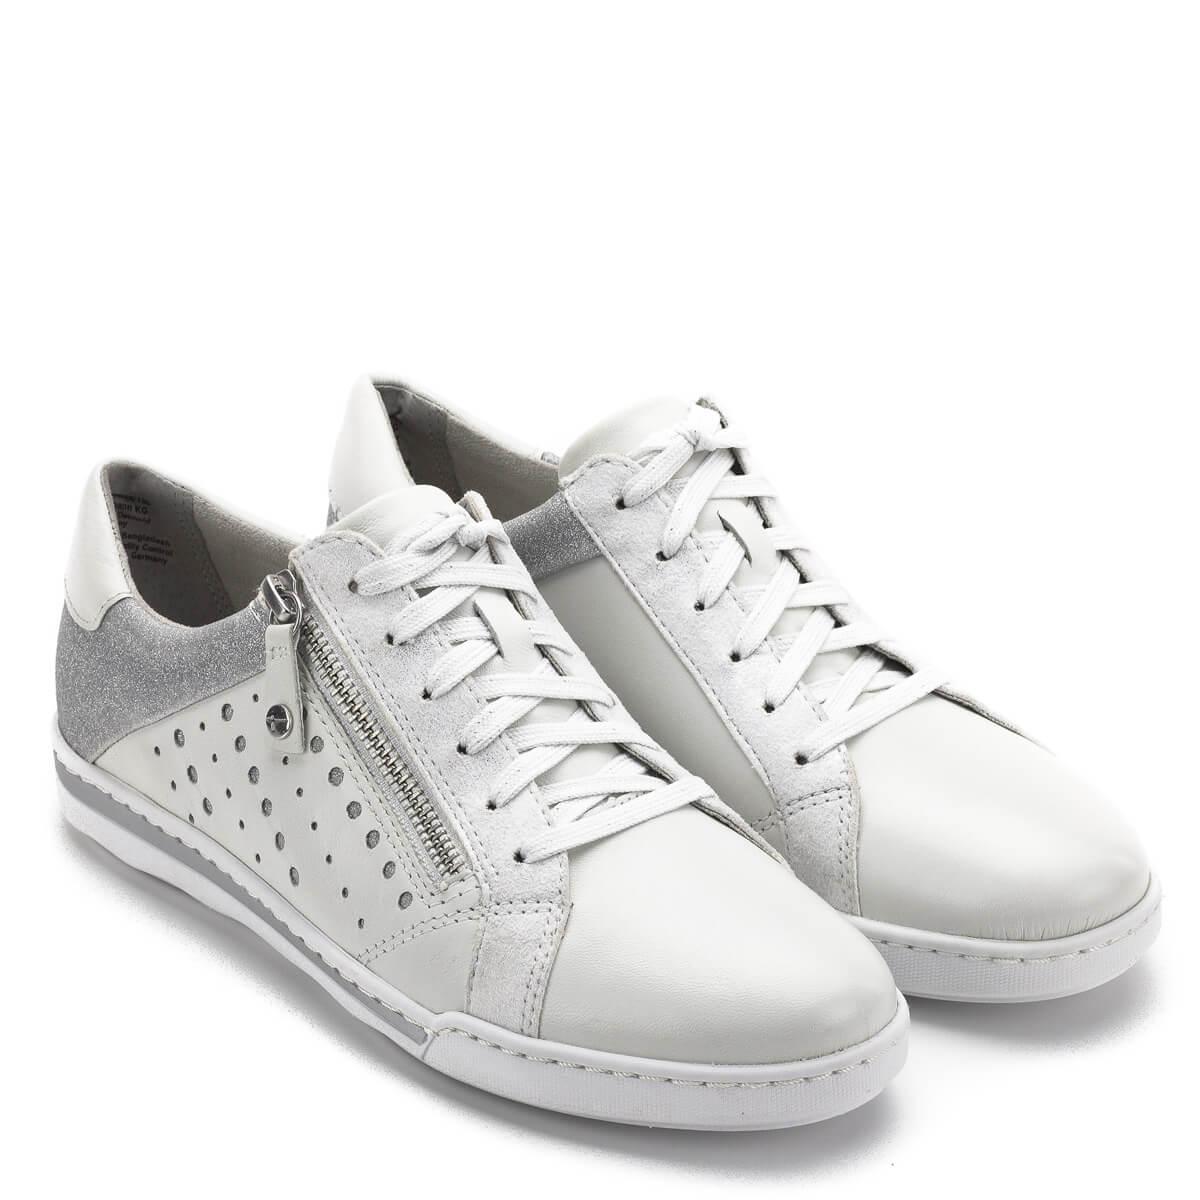 9310b4729f Tamaris cipő fehér színben, ezüstös csillogó részekkel. Fűzős cipő, mely  memóriahabos Tamaris Touch ...